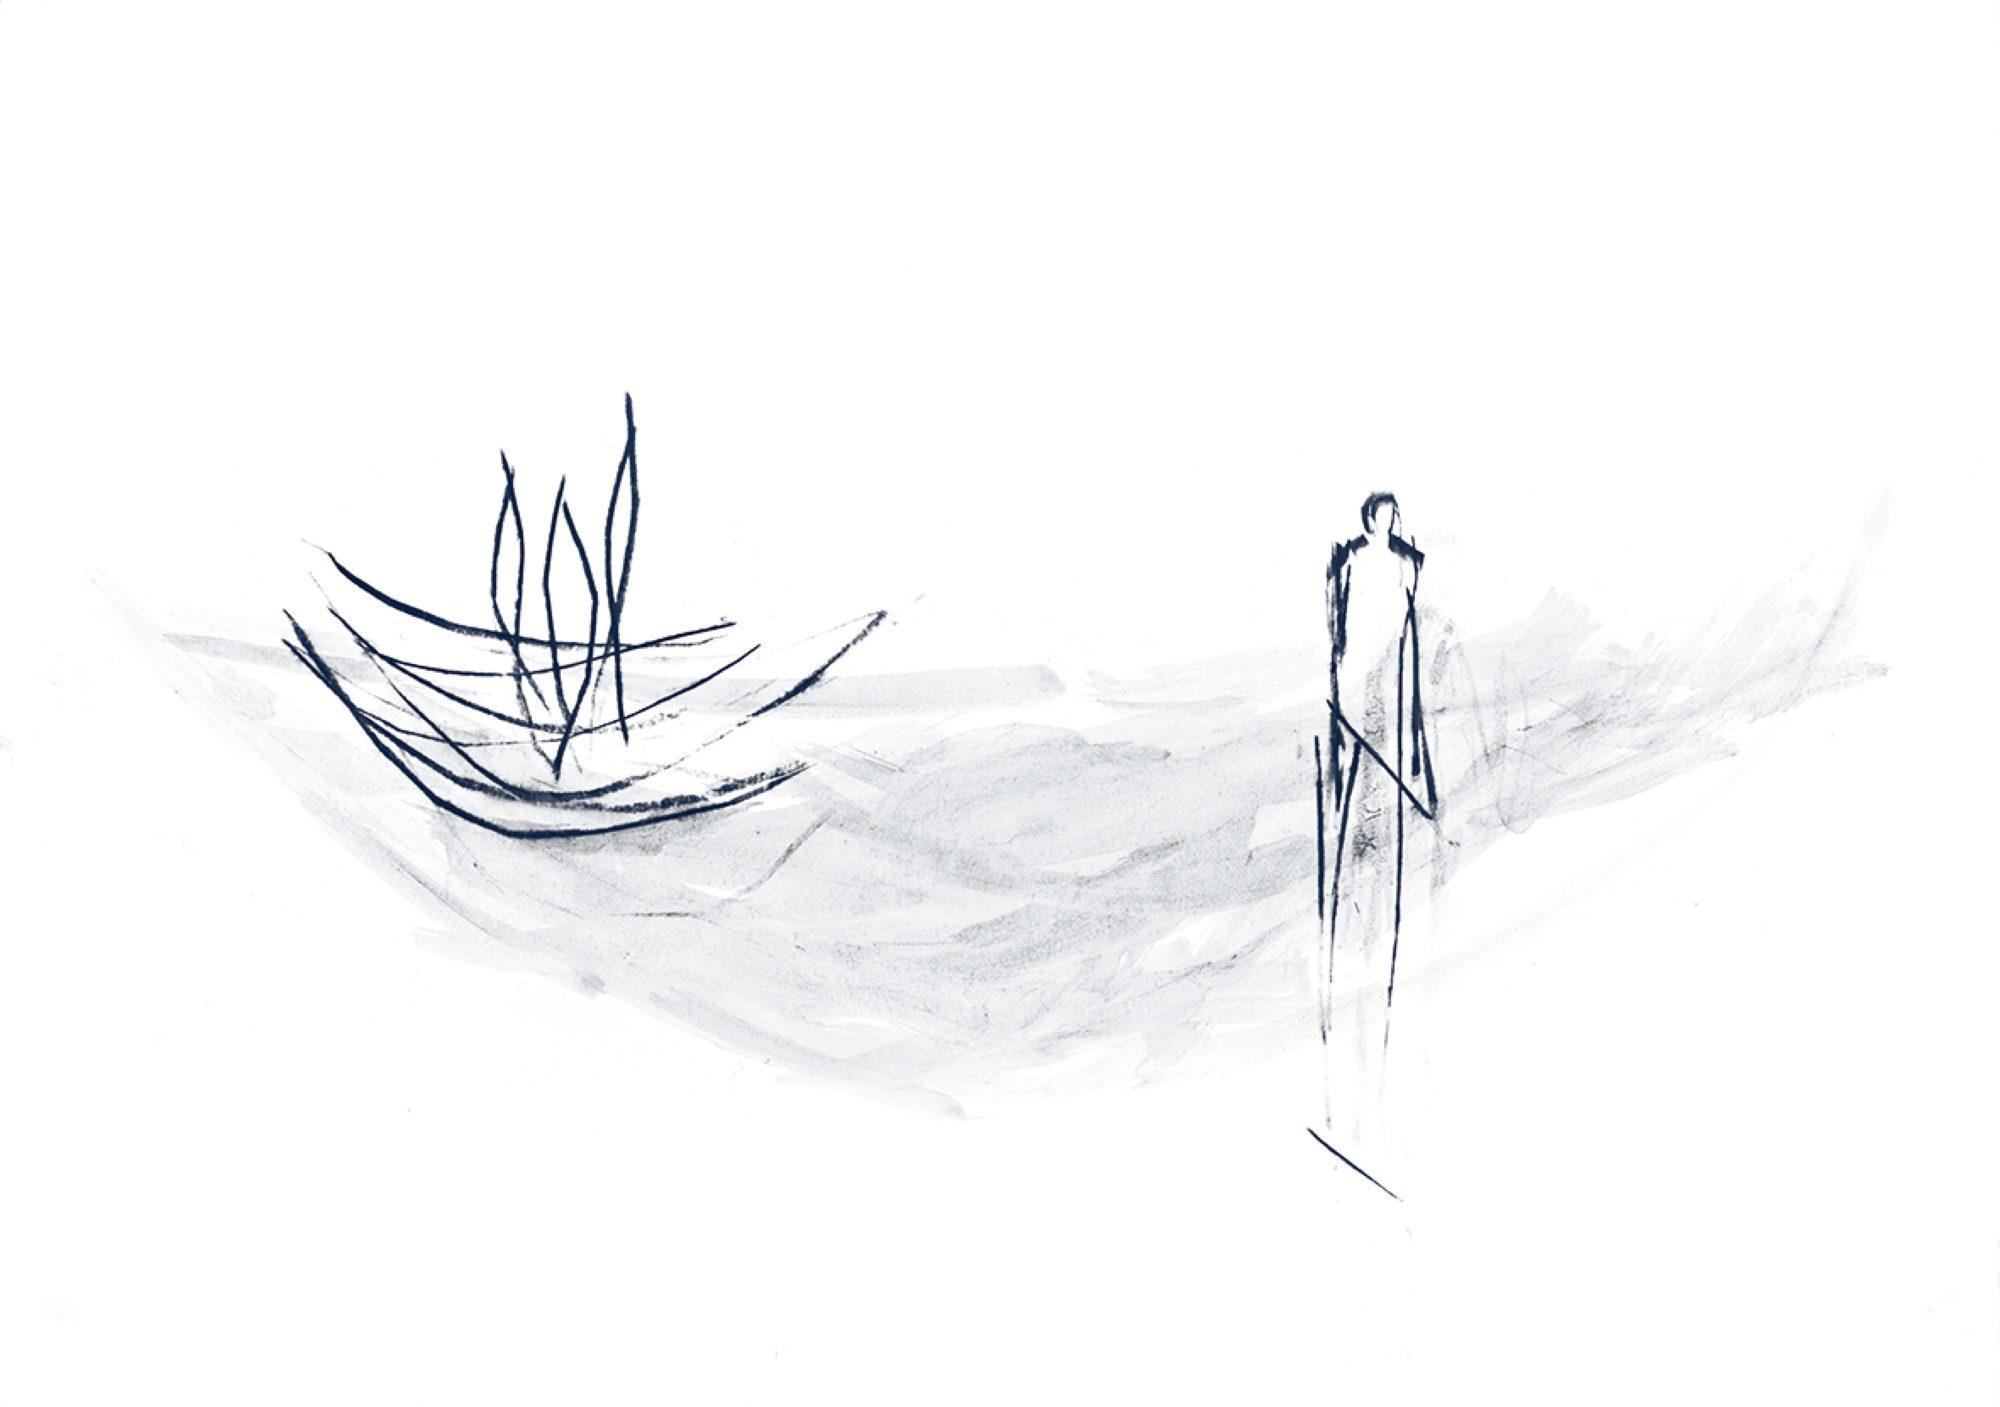 Figürlich-abstrakte Zeichnung in schwarz-weiß